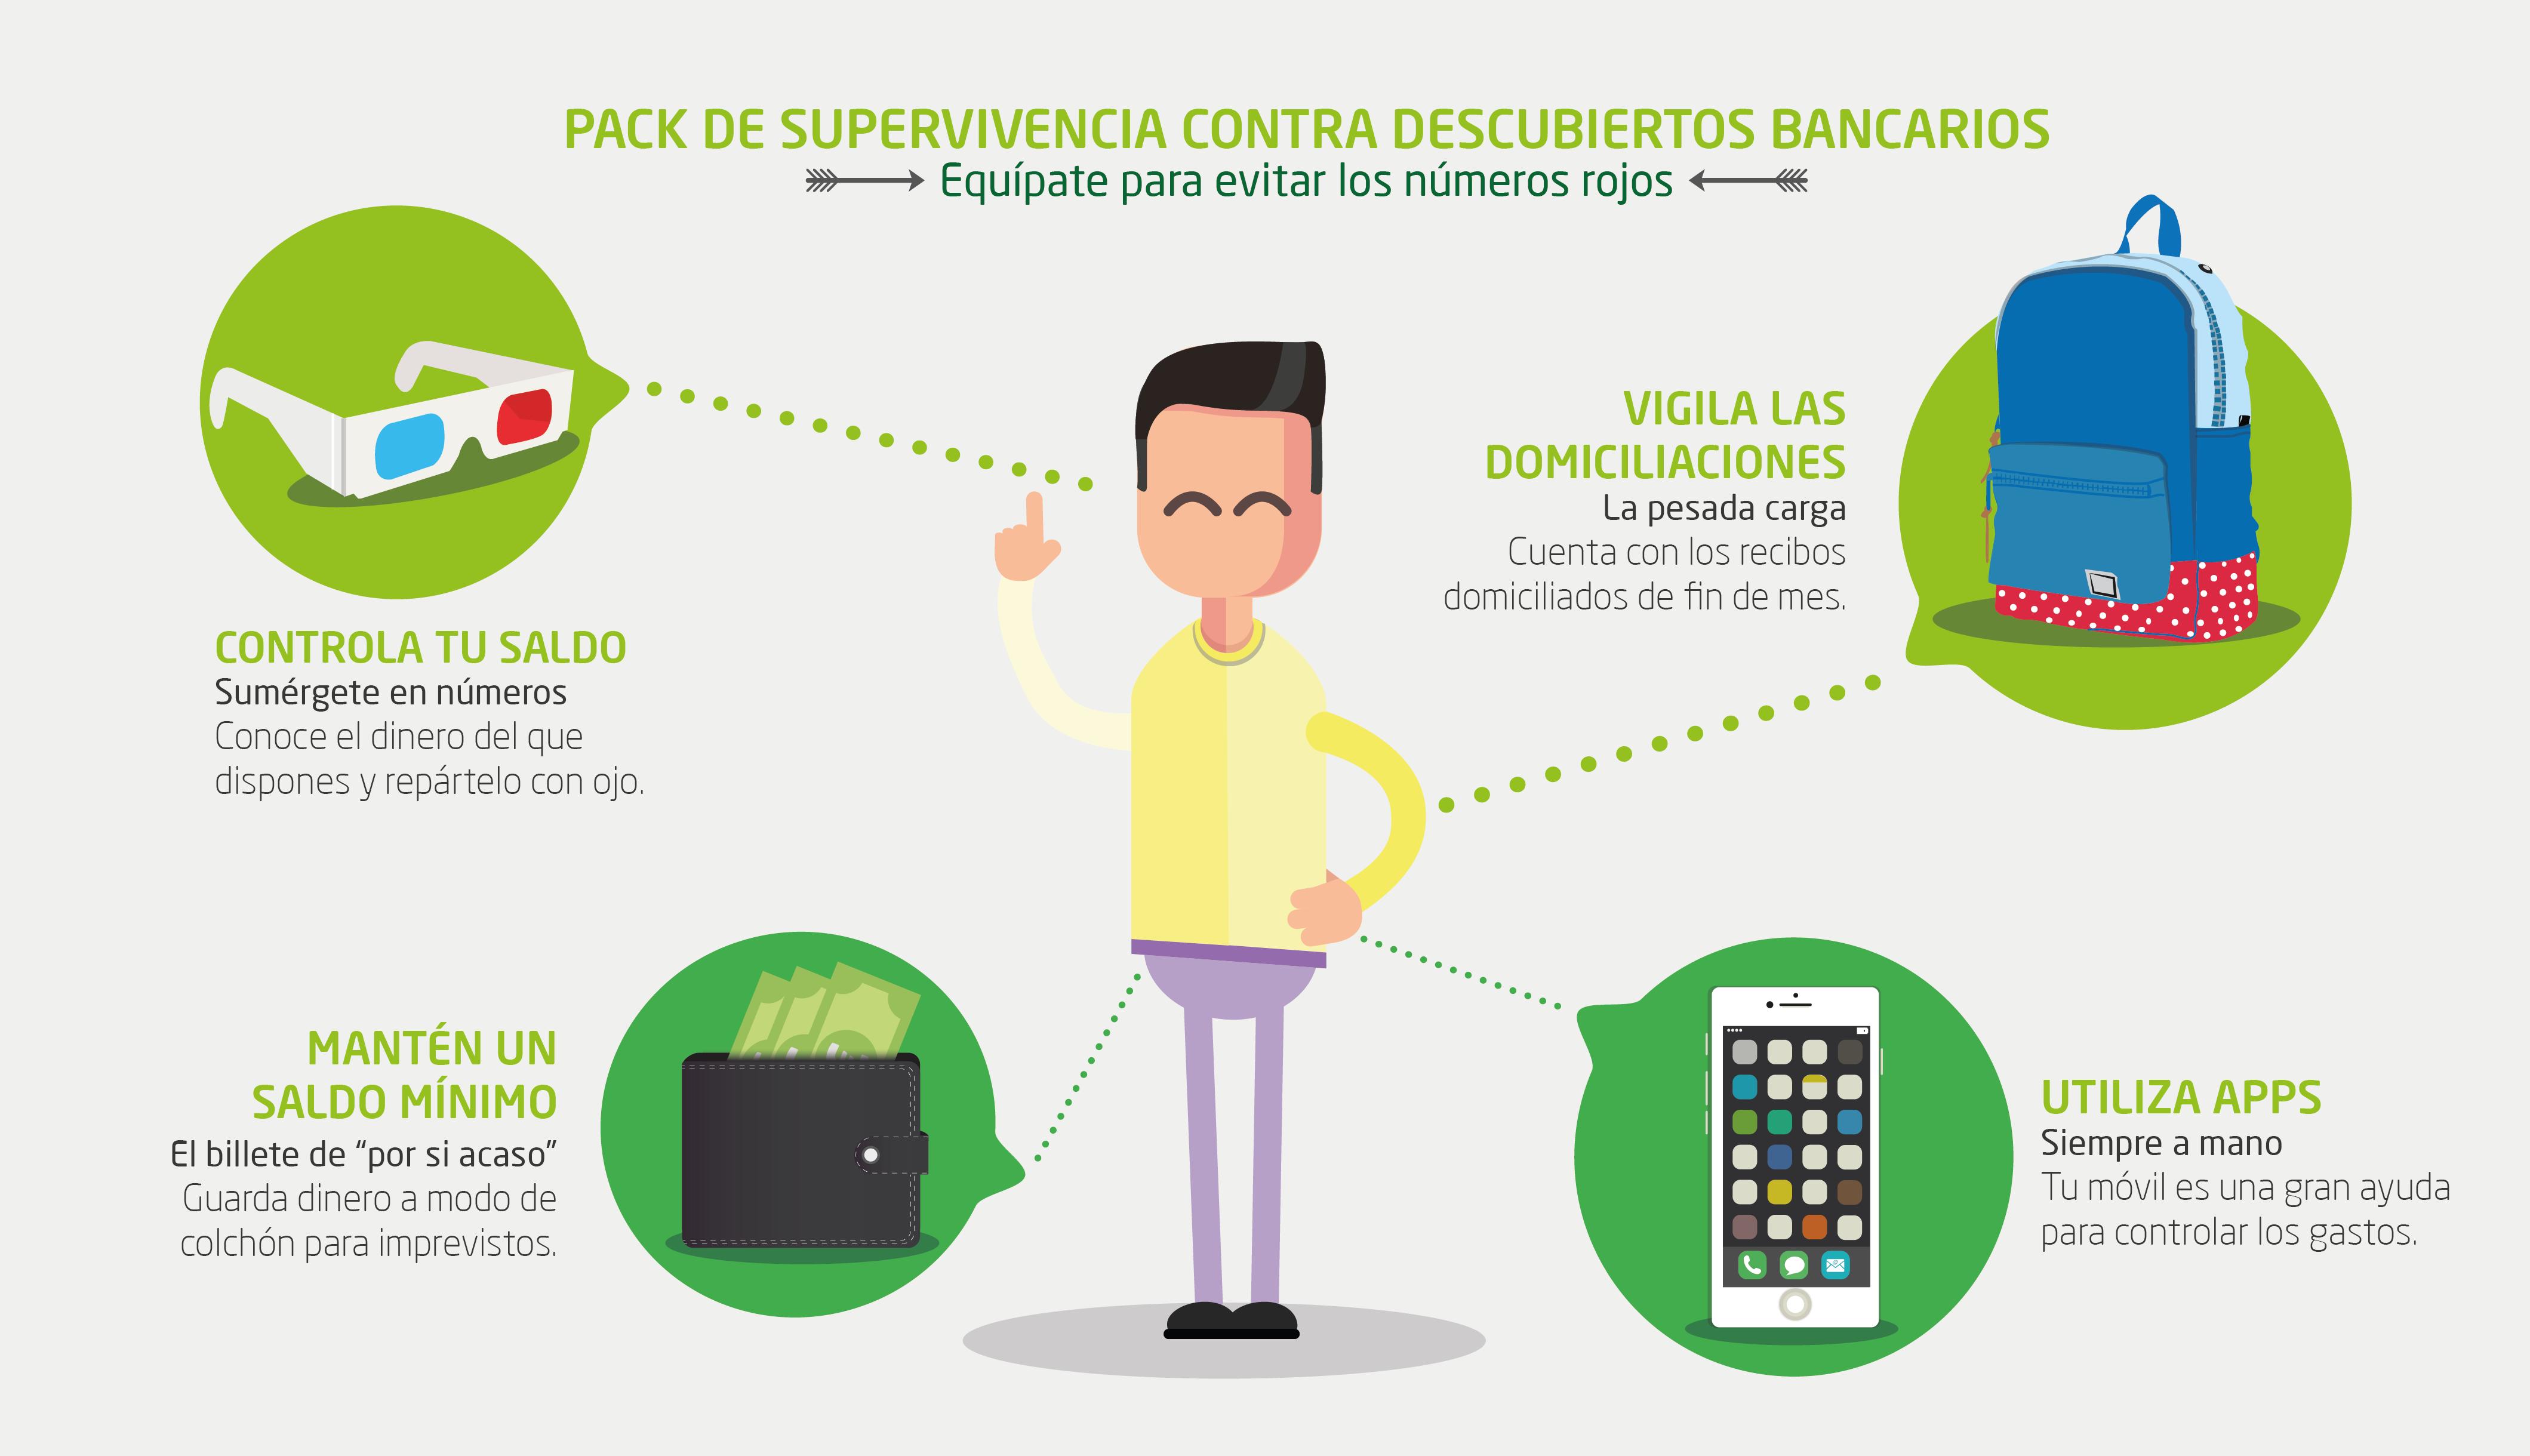 Infografía descubierto bancario vivus.es